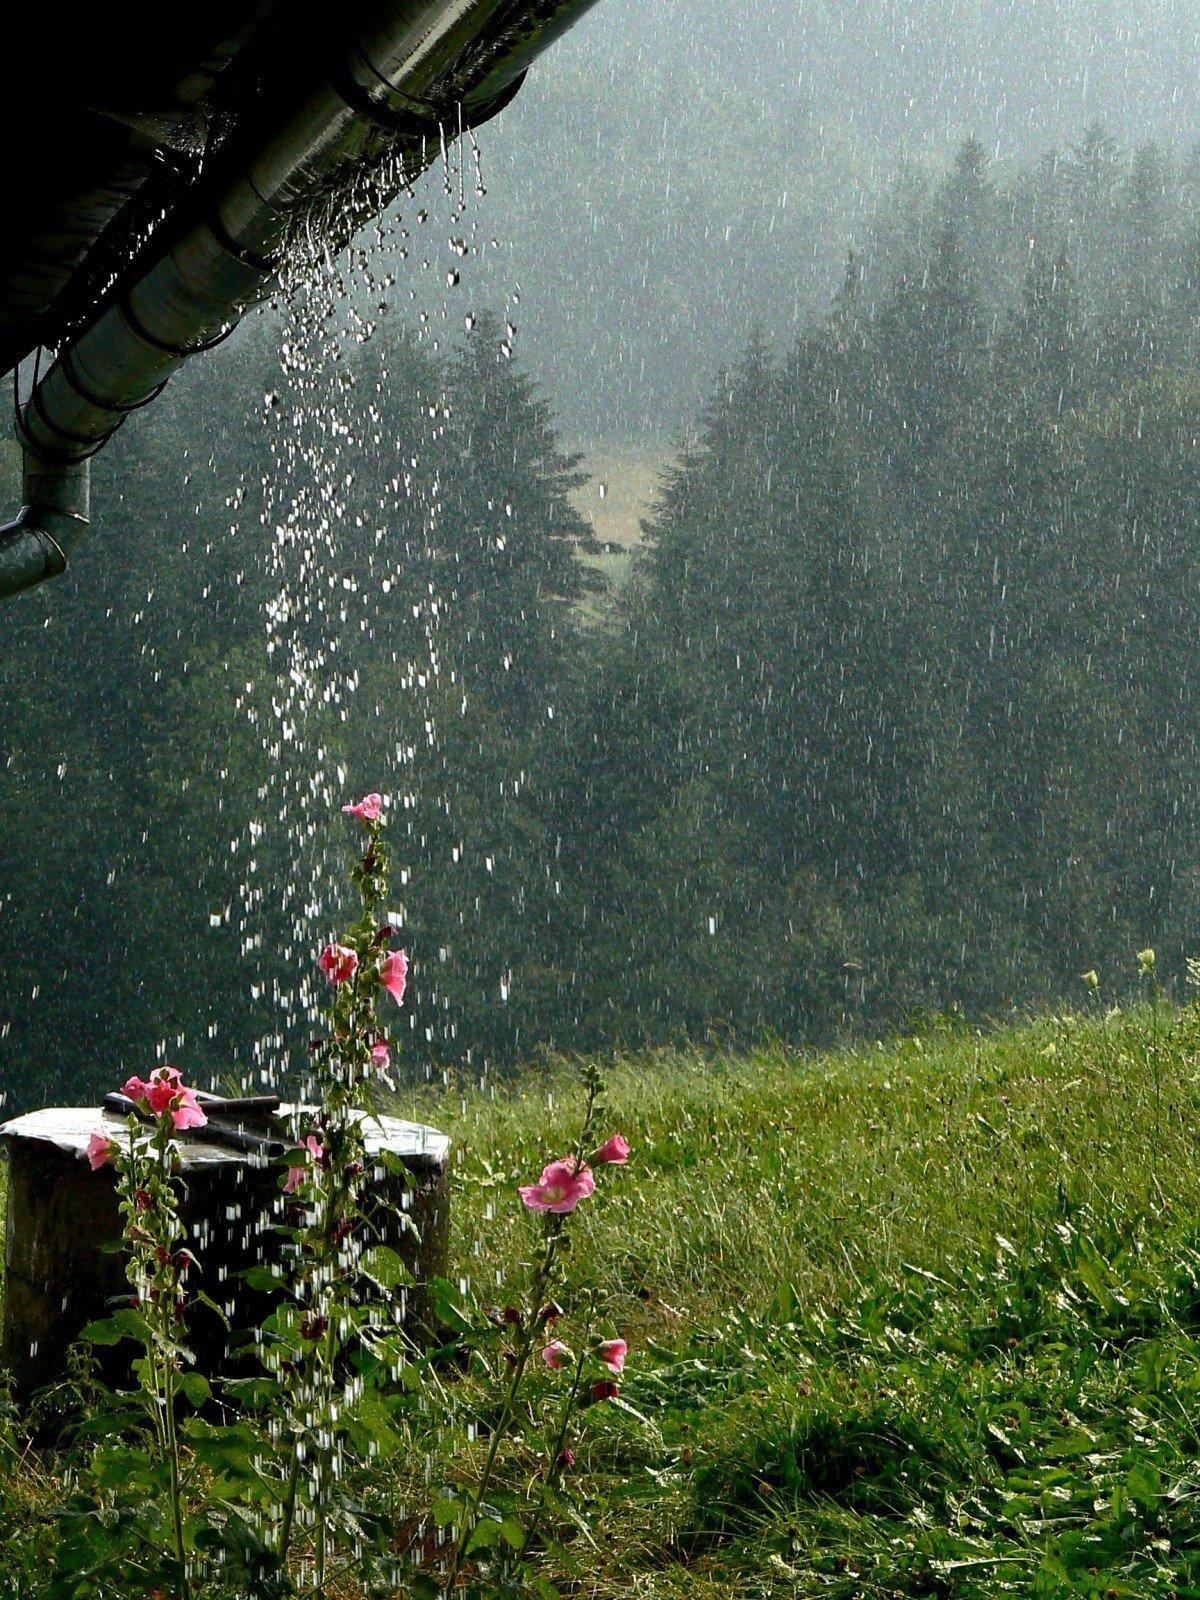 одной располагается фото во время дождя говорится небезопасности